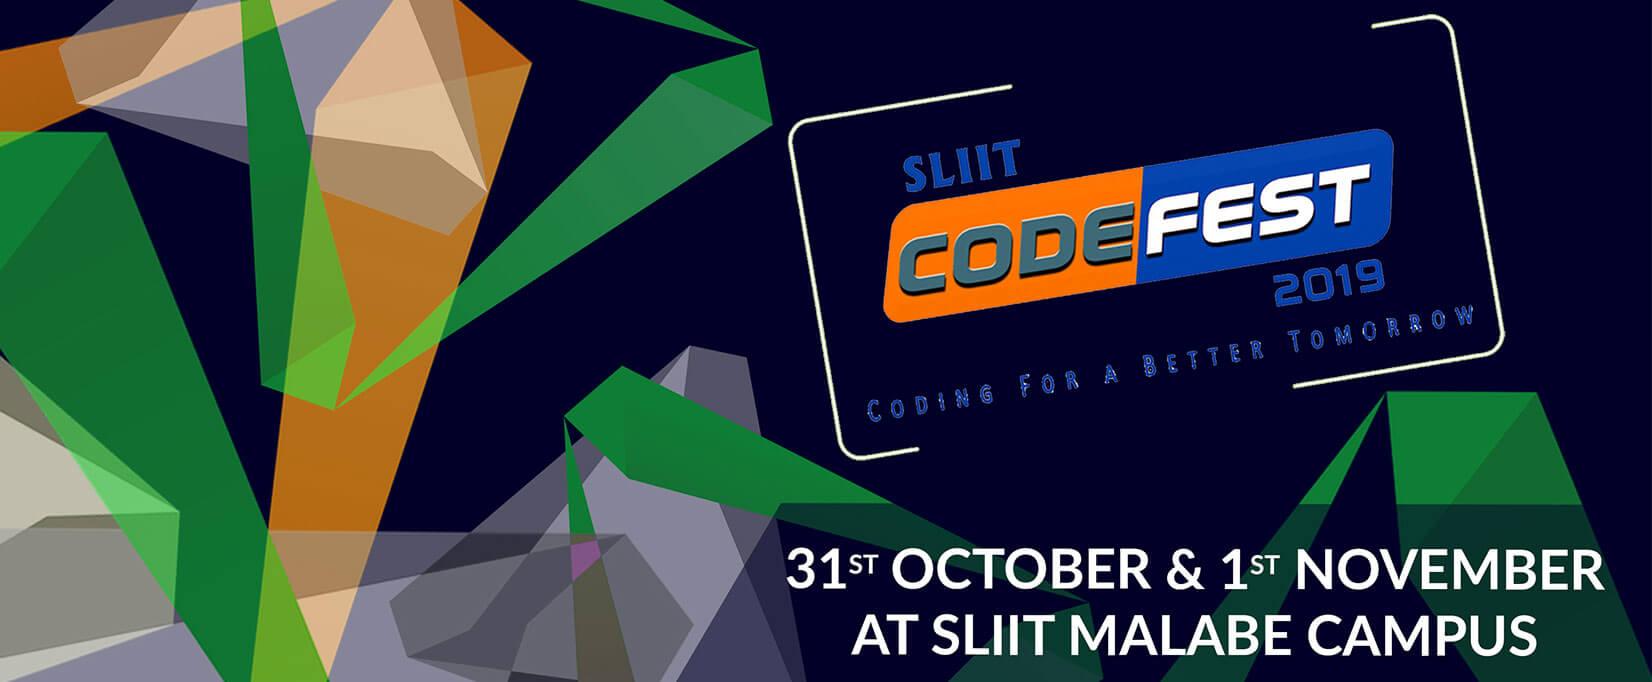 Codfest 2019